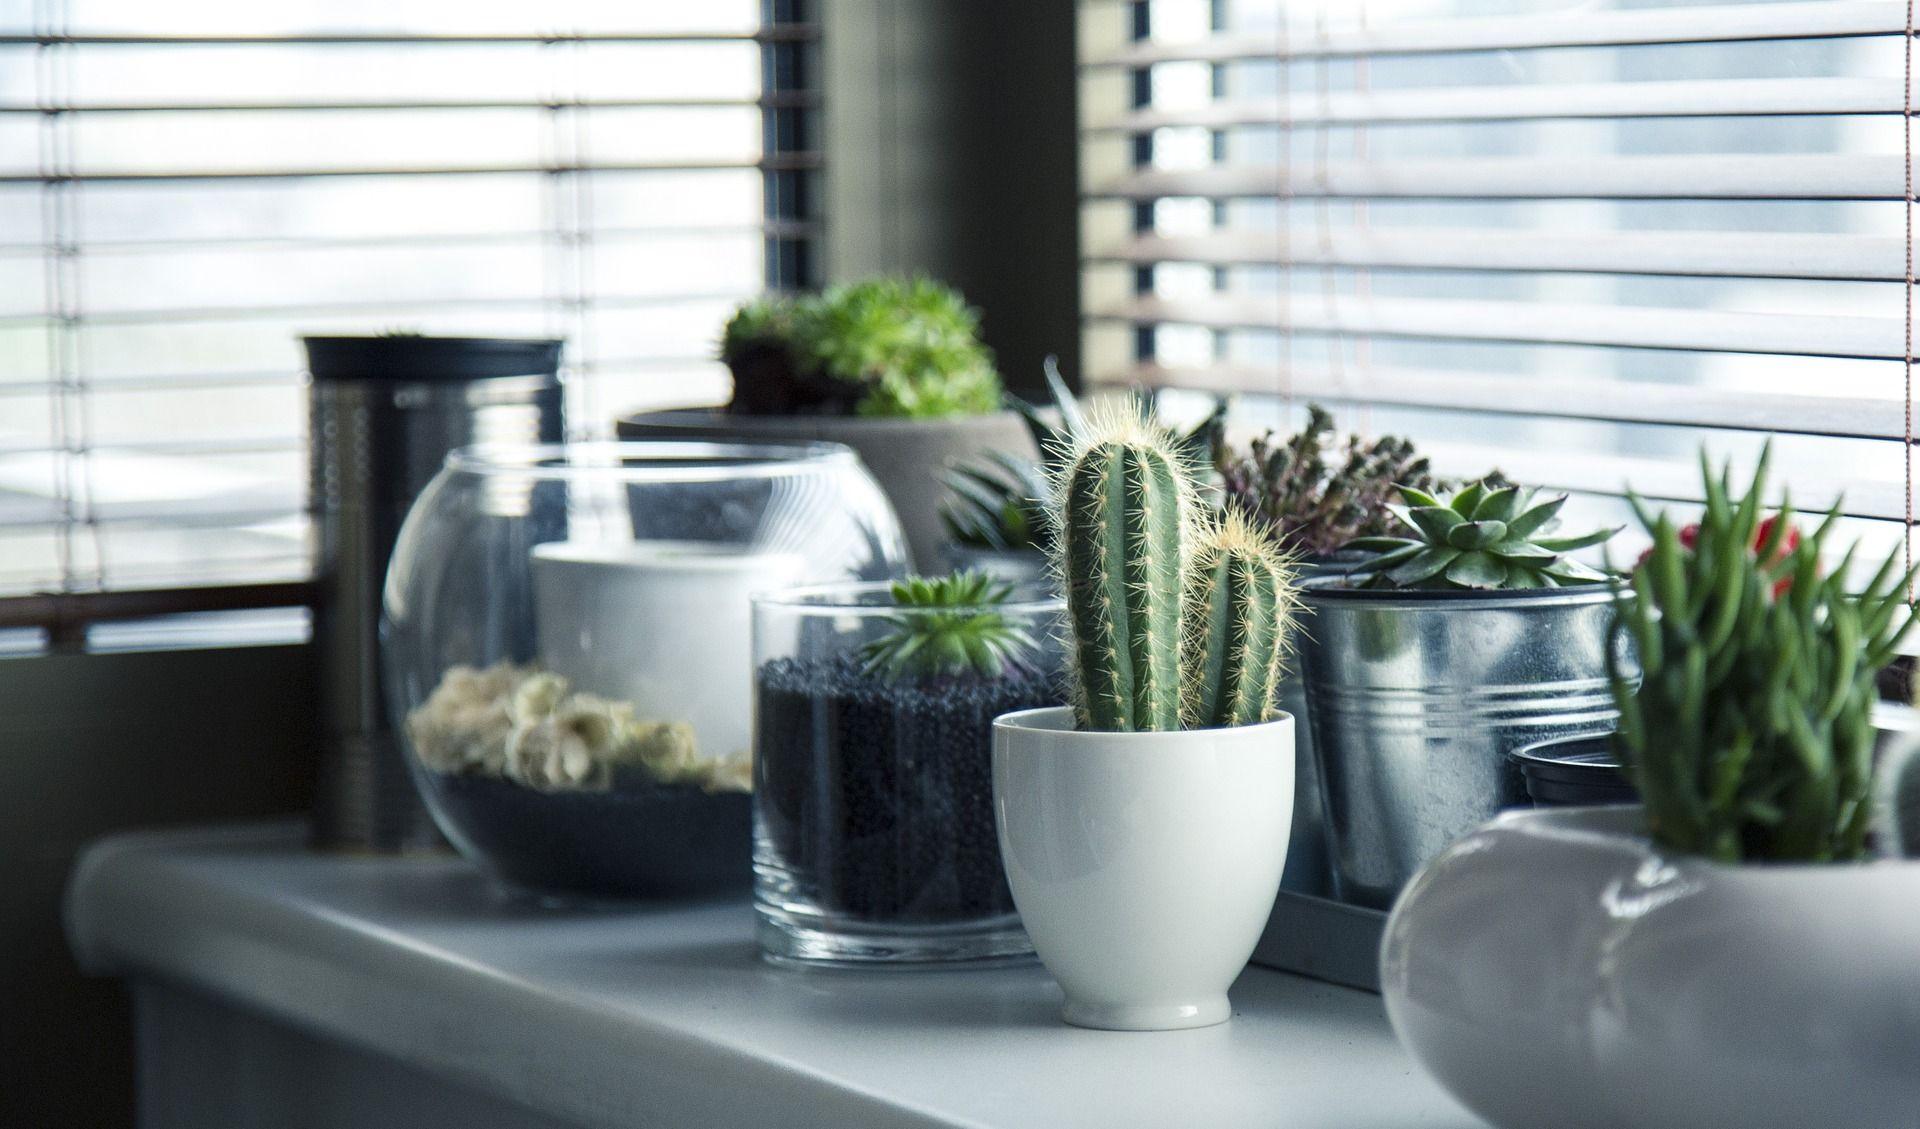 creare un micro giardino fai da te